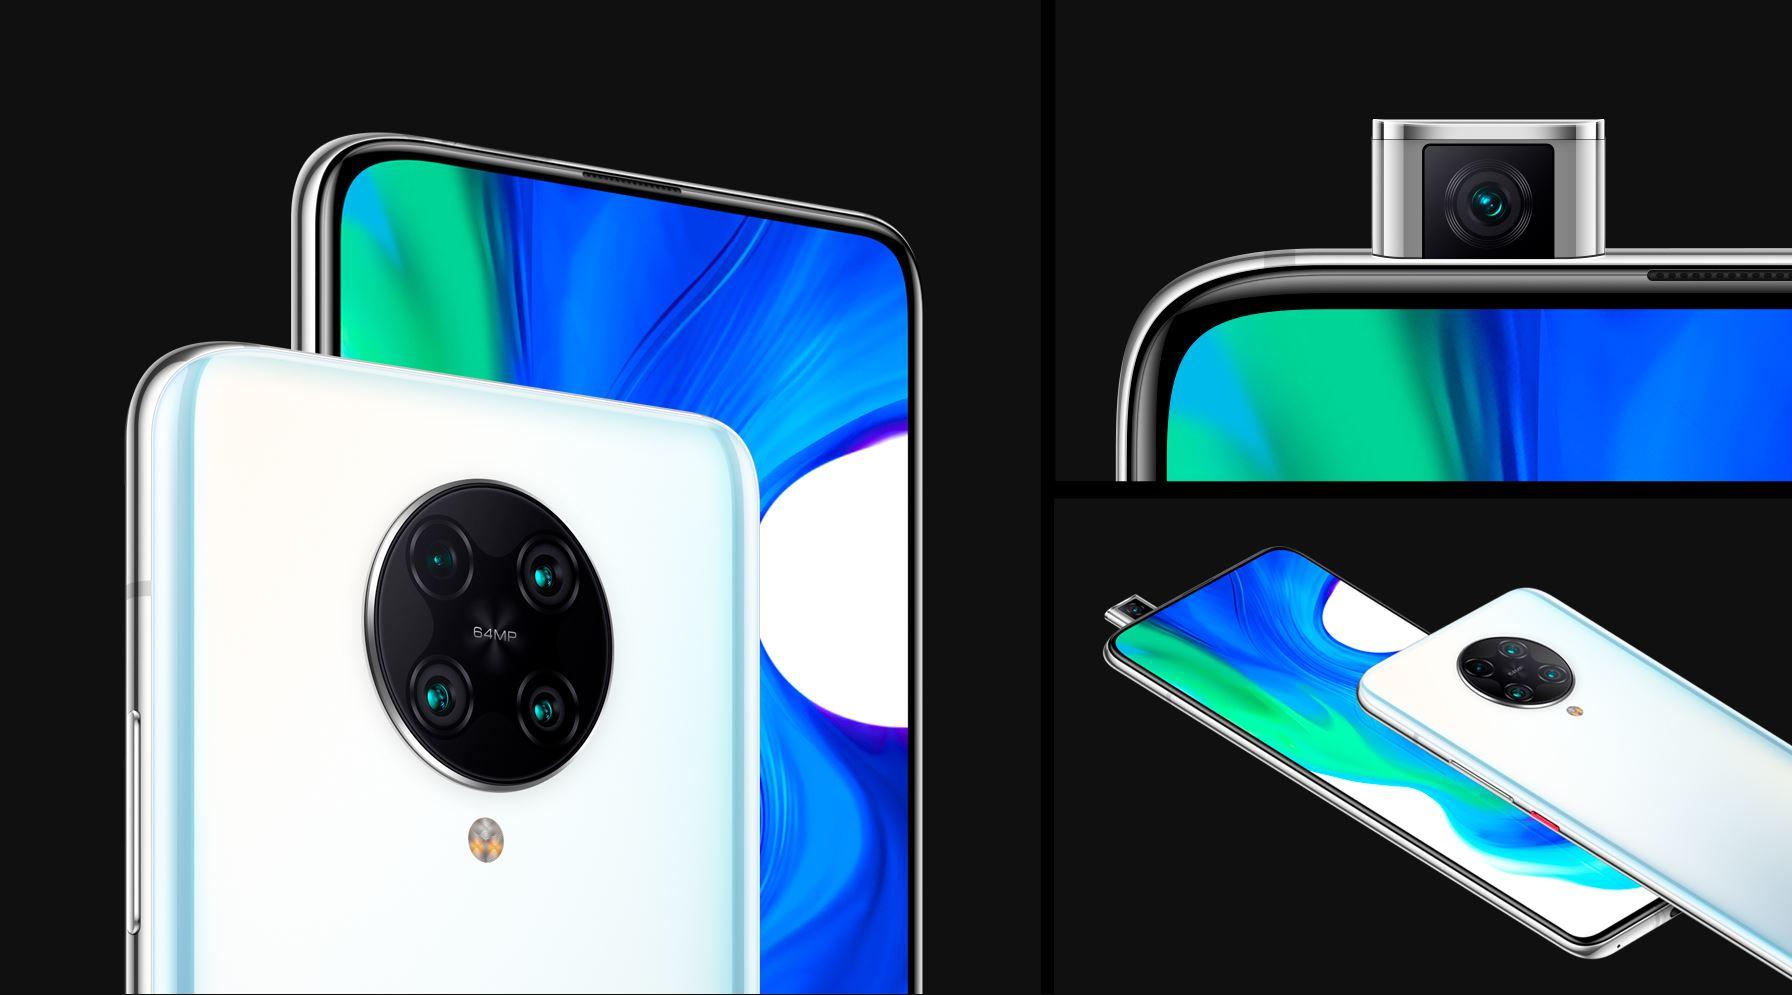 Reduziert: Xiaomi Poco F2 Pro und Redmi 9 rutschen auf Tiefpreis